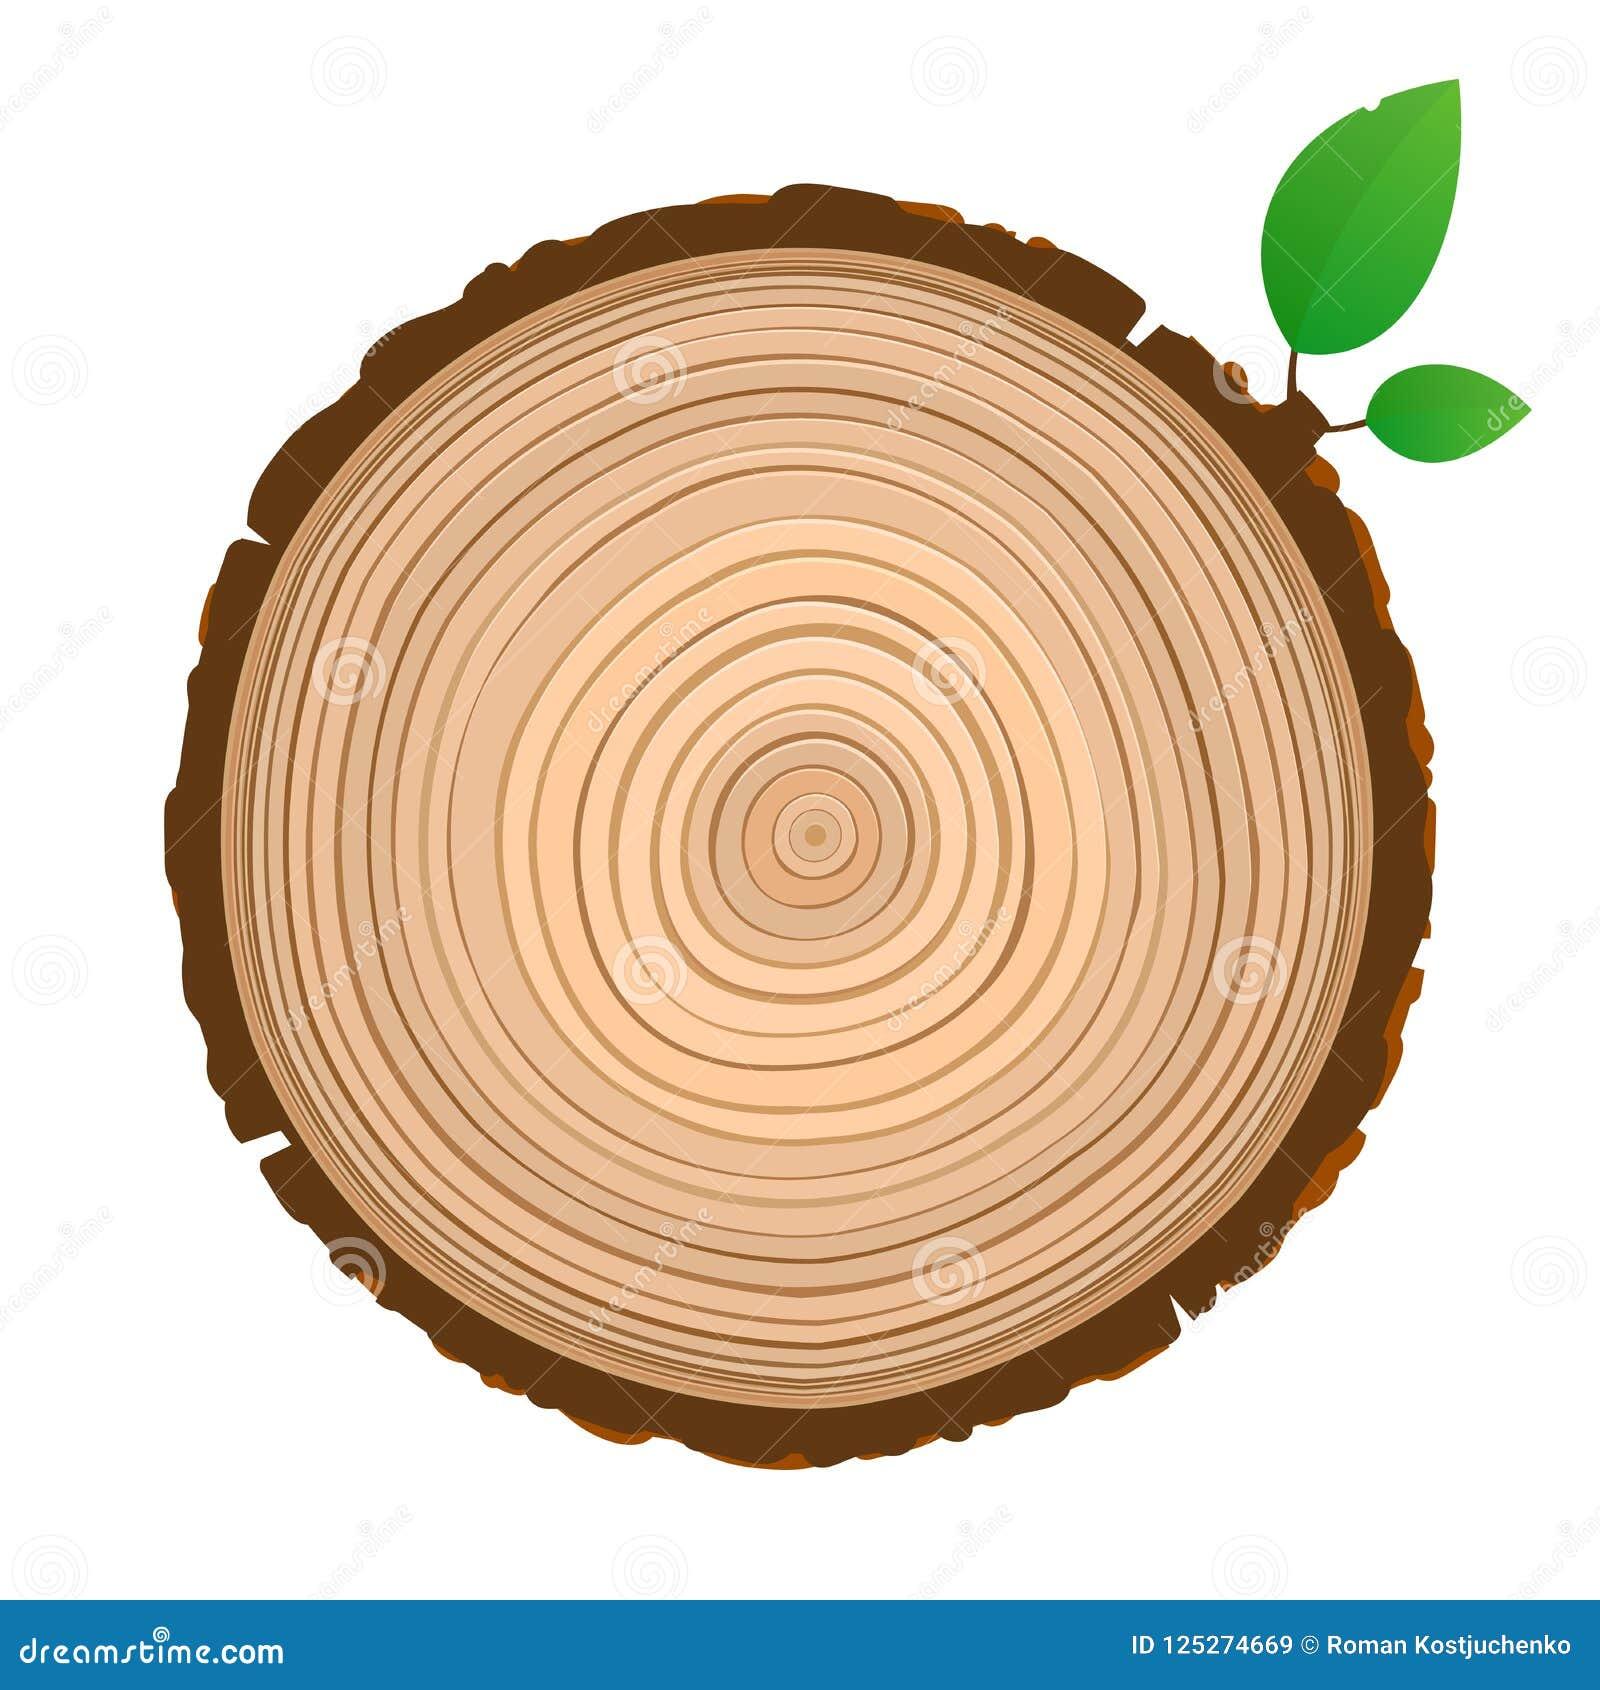 Corte transversal de madera del icono de la muestra del tronco con los anillos de árbol